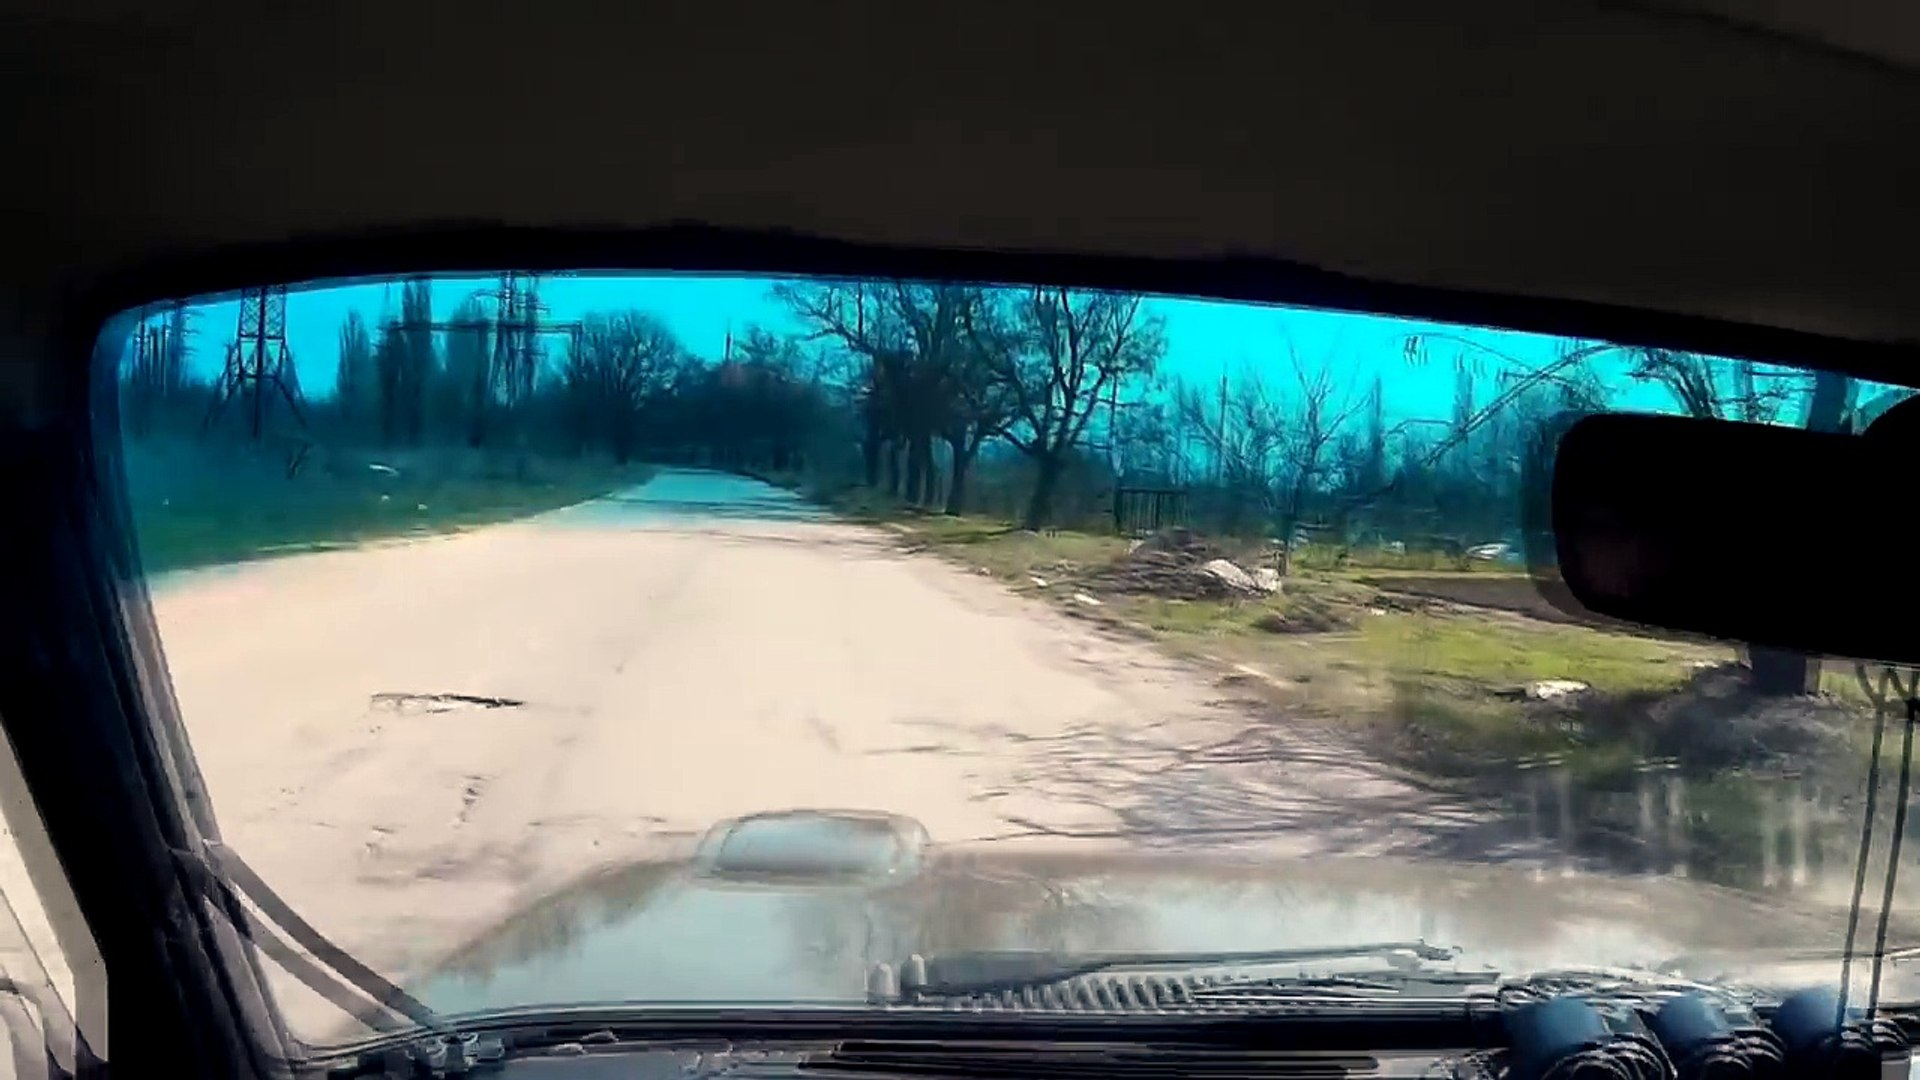 Как Объезжать Ямы на Дороге | Как Почувствовать Габариты Автомобиля - Видеоурок Вождения #16